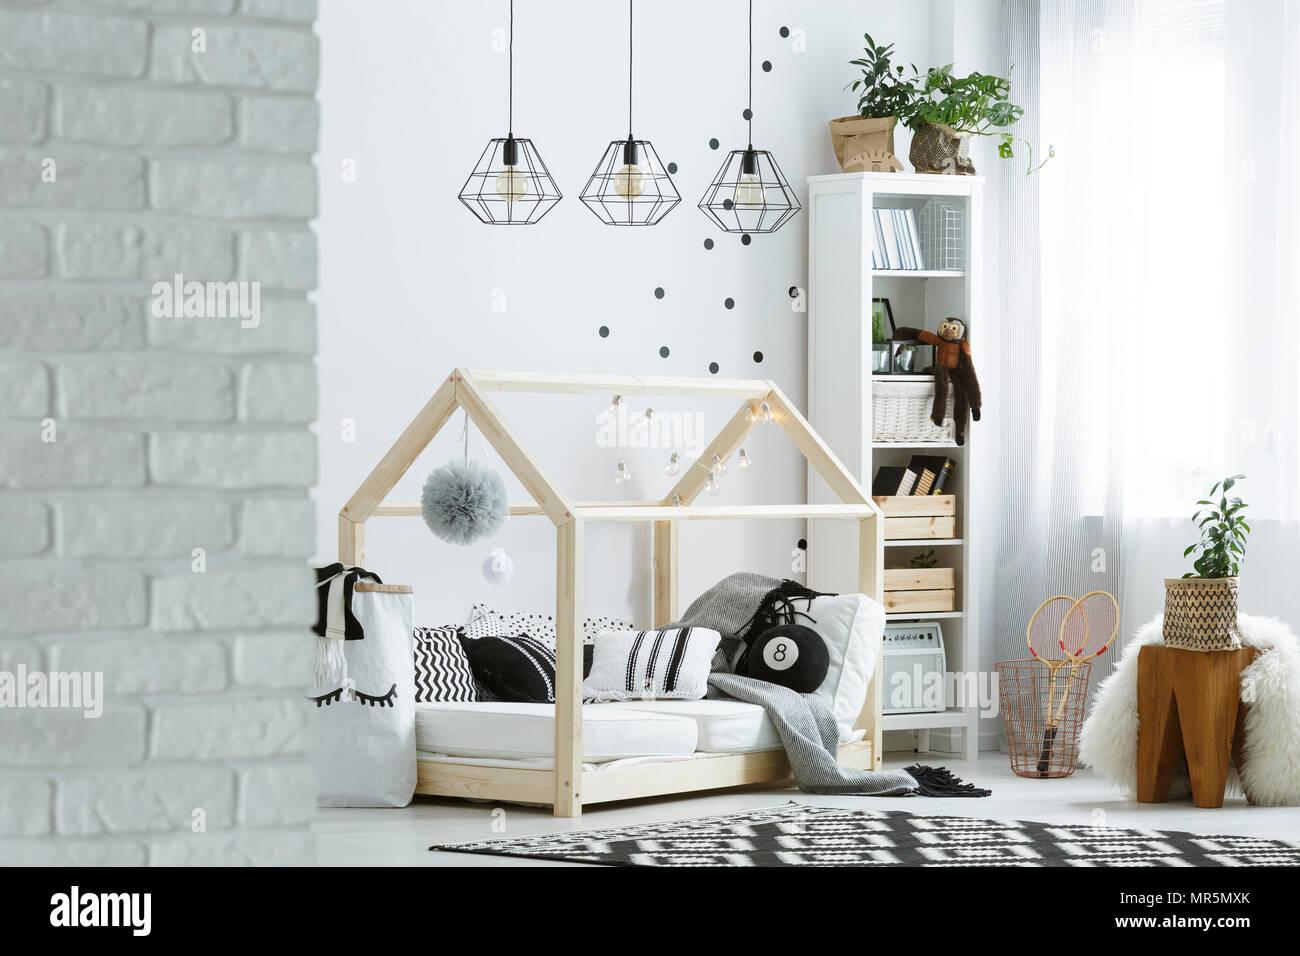 Modele Chambre Petite Fille chambre enfant avec mur de brique, lampes, tapis et le